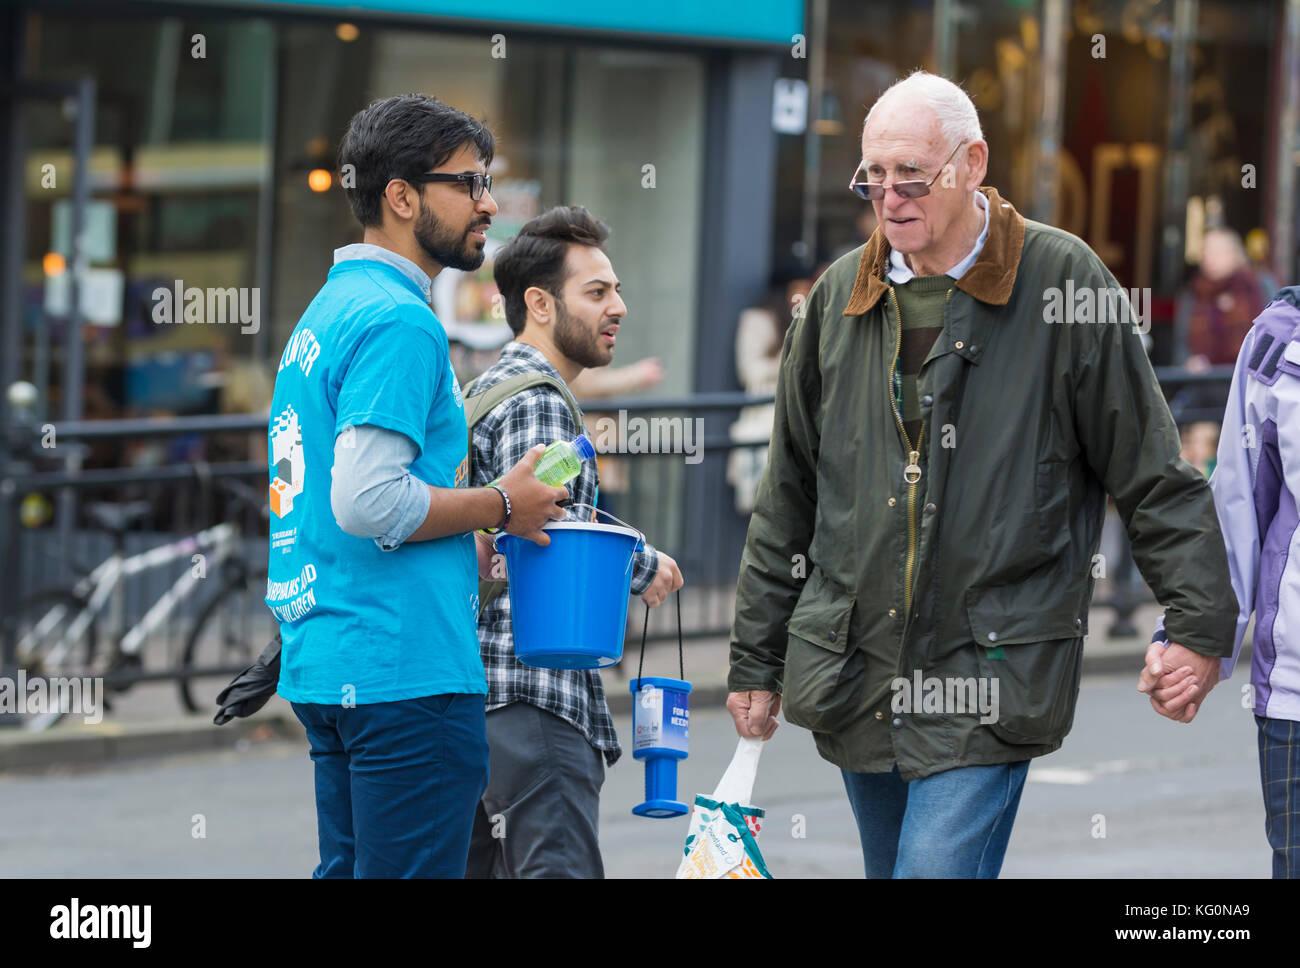 Uomo che cammina passato persone per raccogliere per la carità. Nota: Questo uomo non era di ignorarli. Questo è Foto Stock